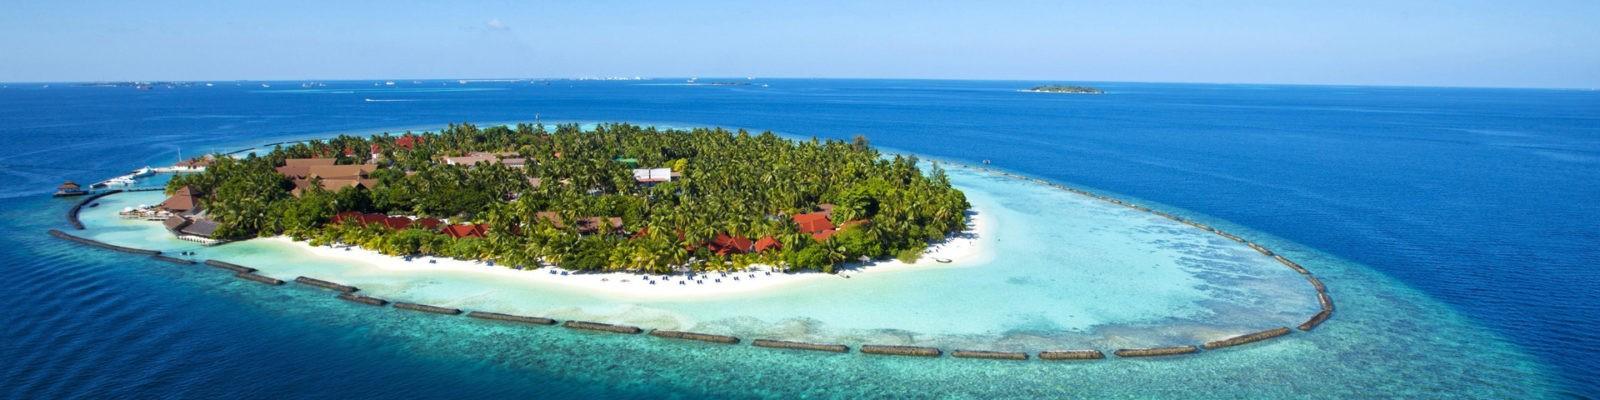 Что может быть лучше, чем бороздить на яхте по Сейшельским островам?